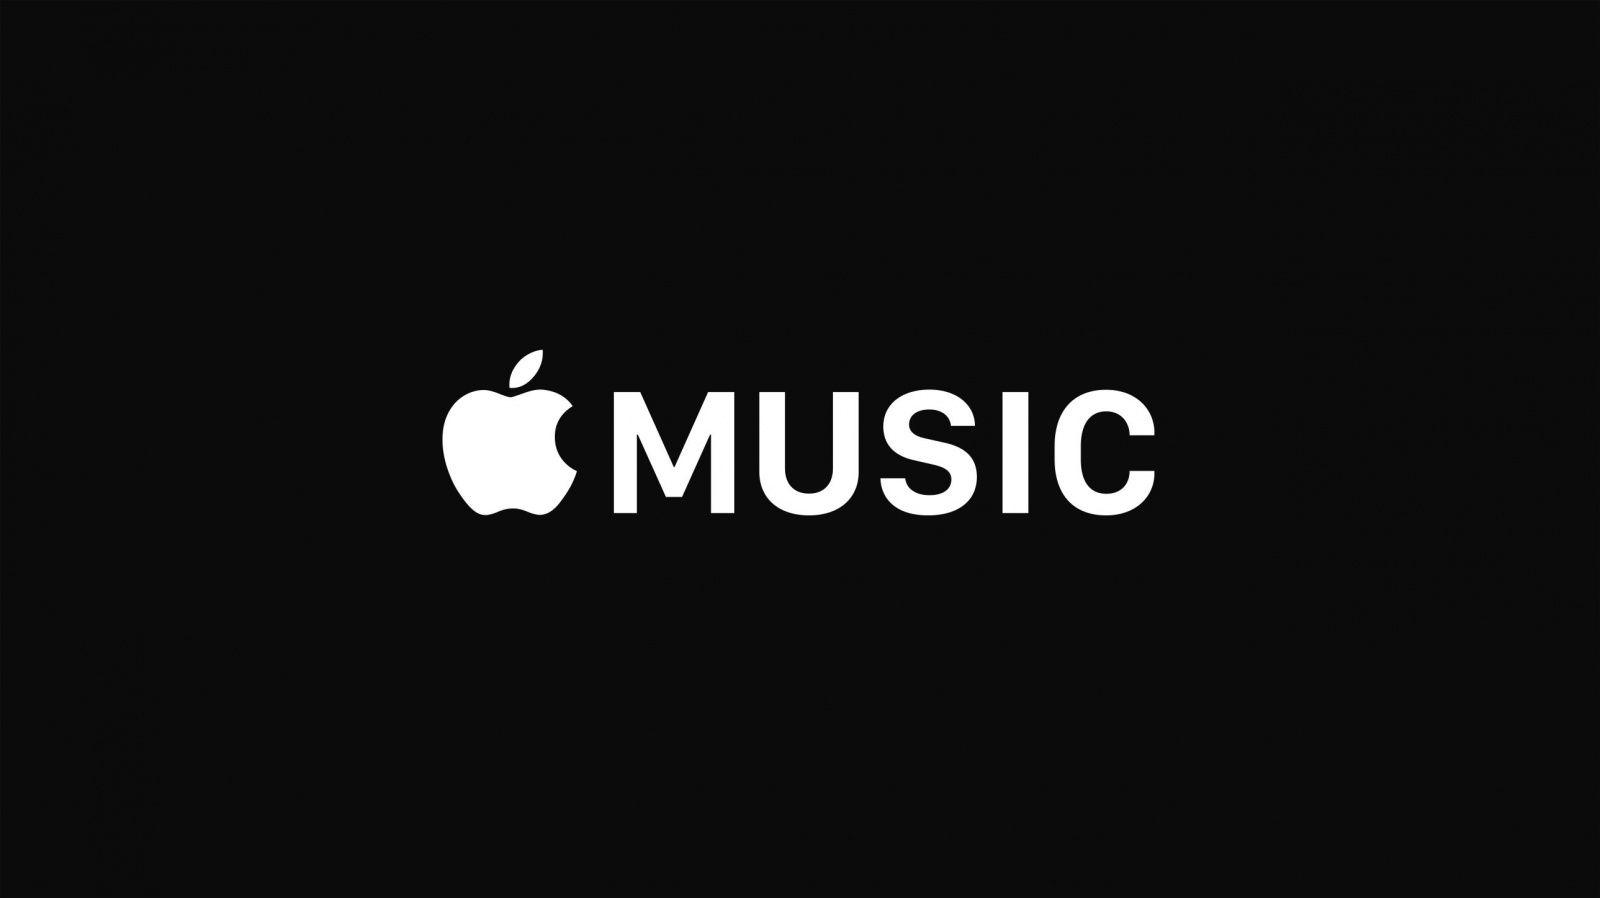 Apple Musikak edozein gailutan funtzionatuko du gaurtik aurrera.  Behar duzun guztia web arakatzailea da